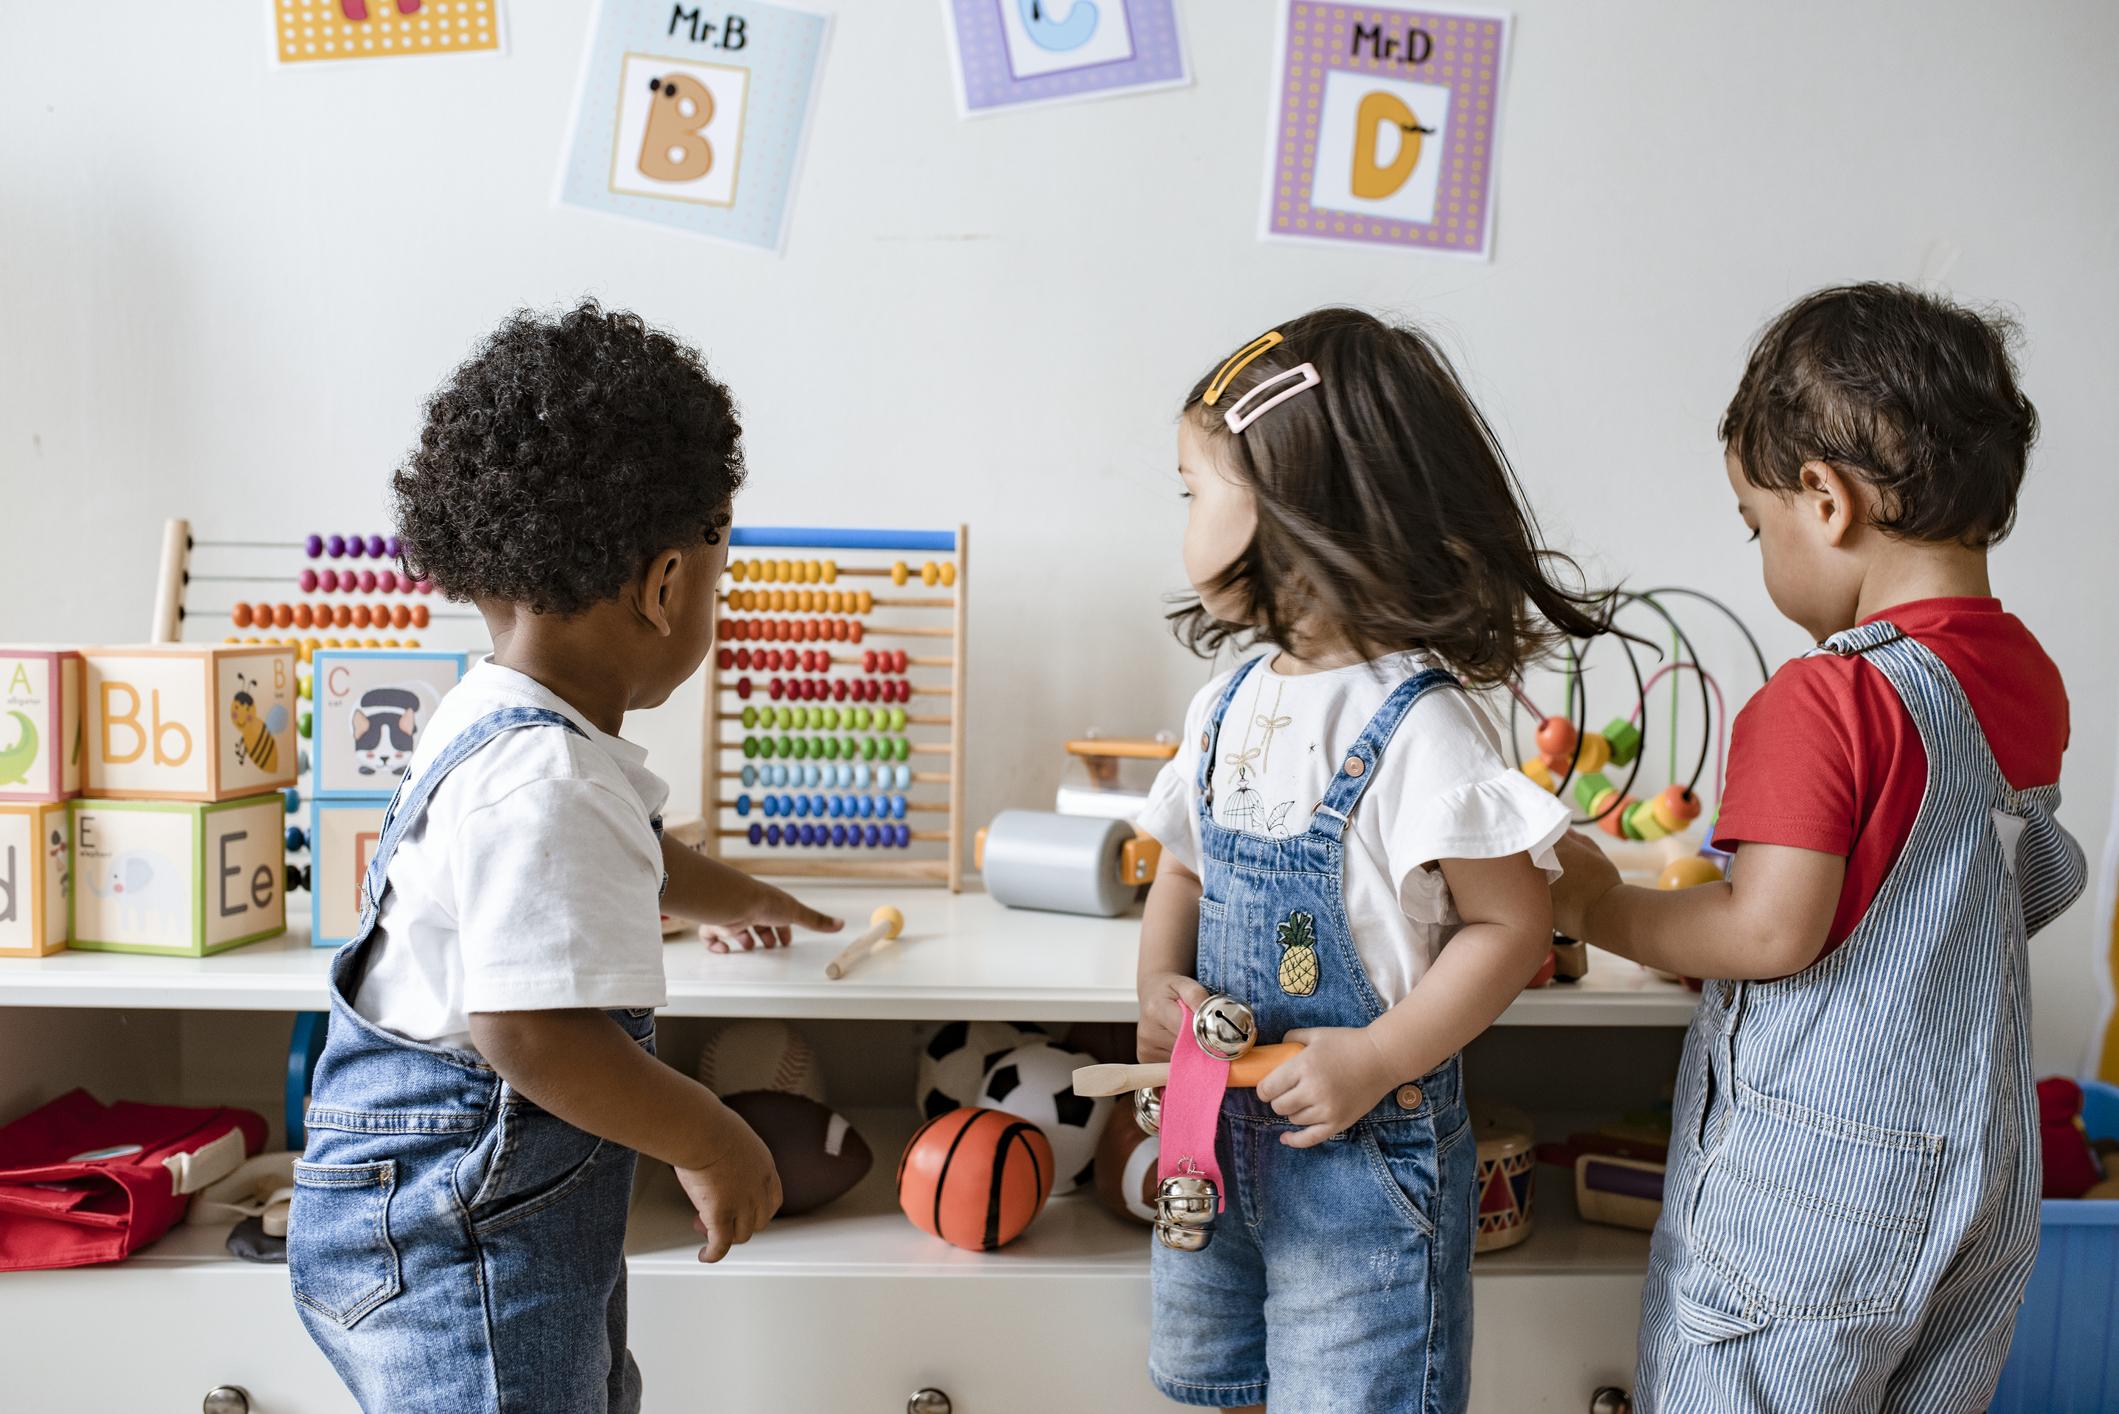 Jeunes enfants jouant avec des jouets éducatifs.